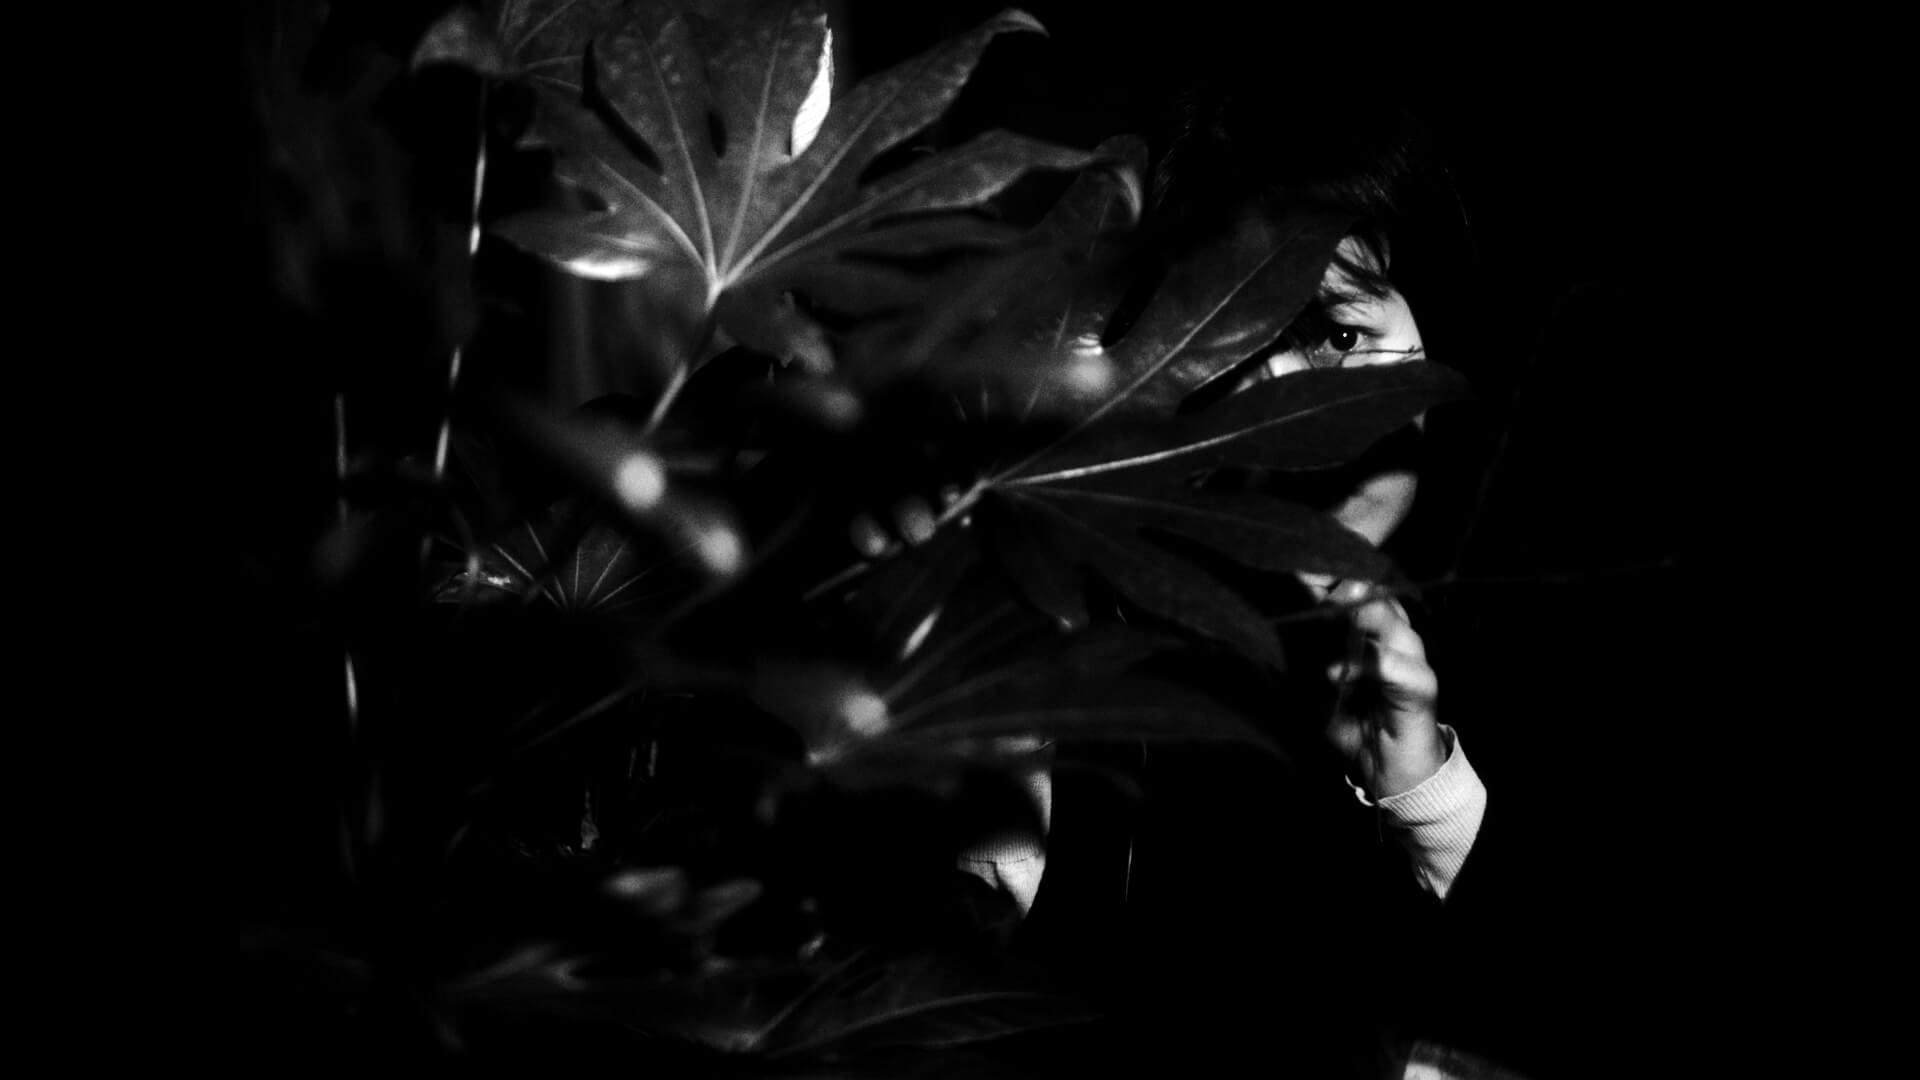 木村太一の最新ショートフィルム『Mu』がBOILER ROOMの「4:3」で世界同時公開|Jin Dogg、Manami Usamaru、Soushiが出演 video190710-kimurataichi-6